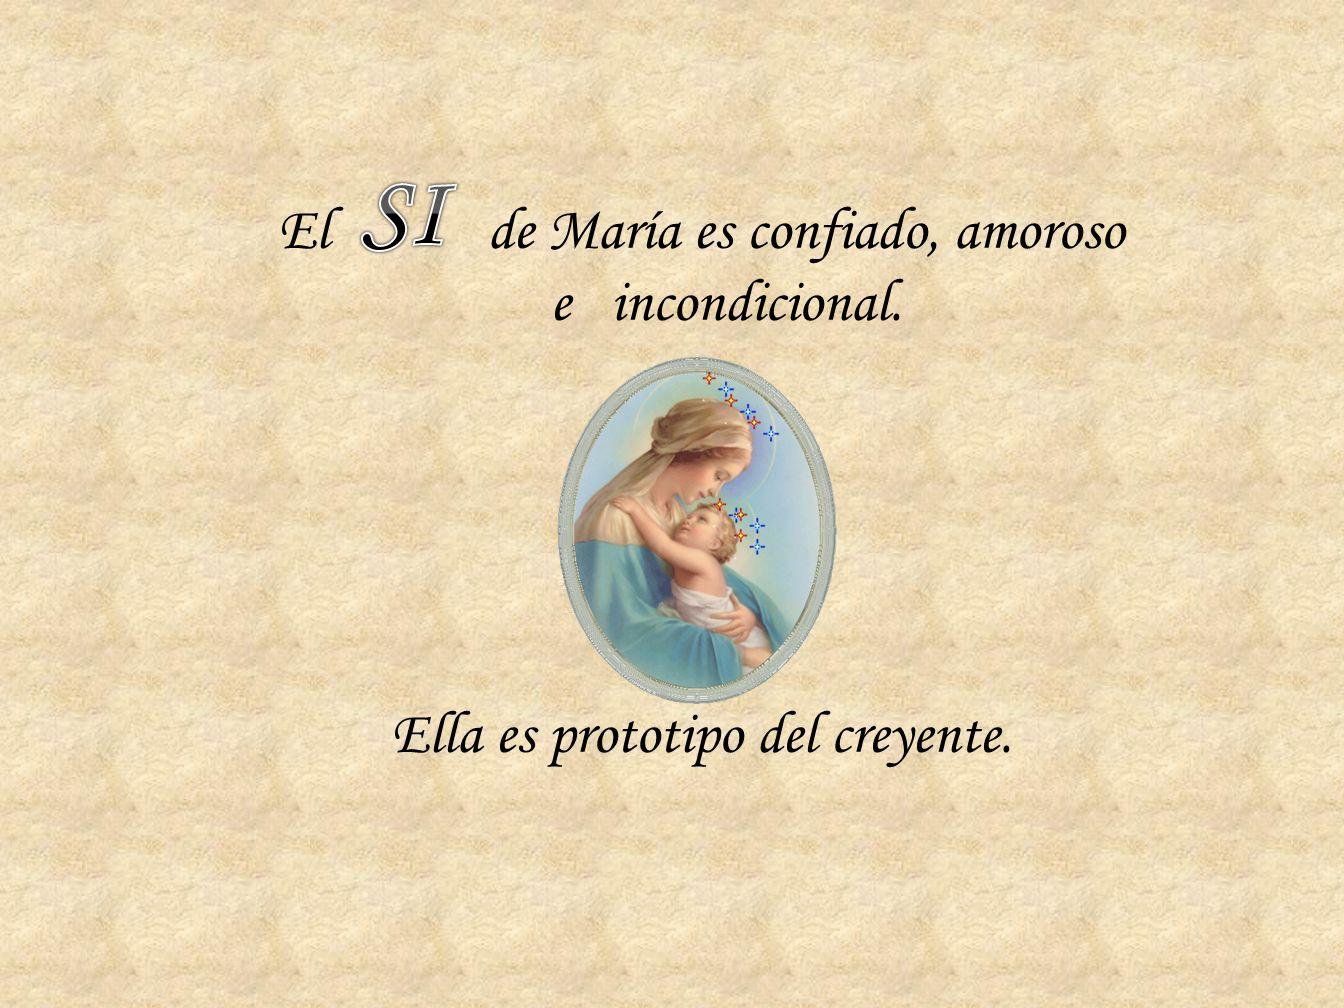 El de María es confiado, amoroso e incondicional. Ella es prototipo del creyente.